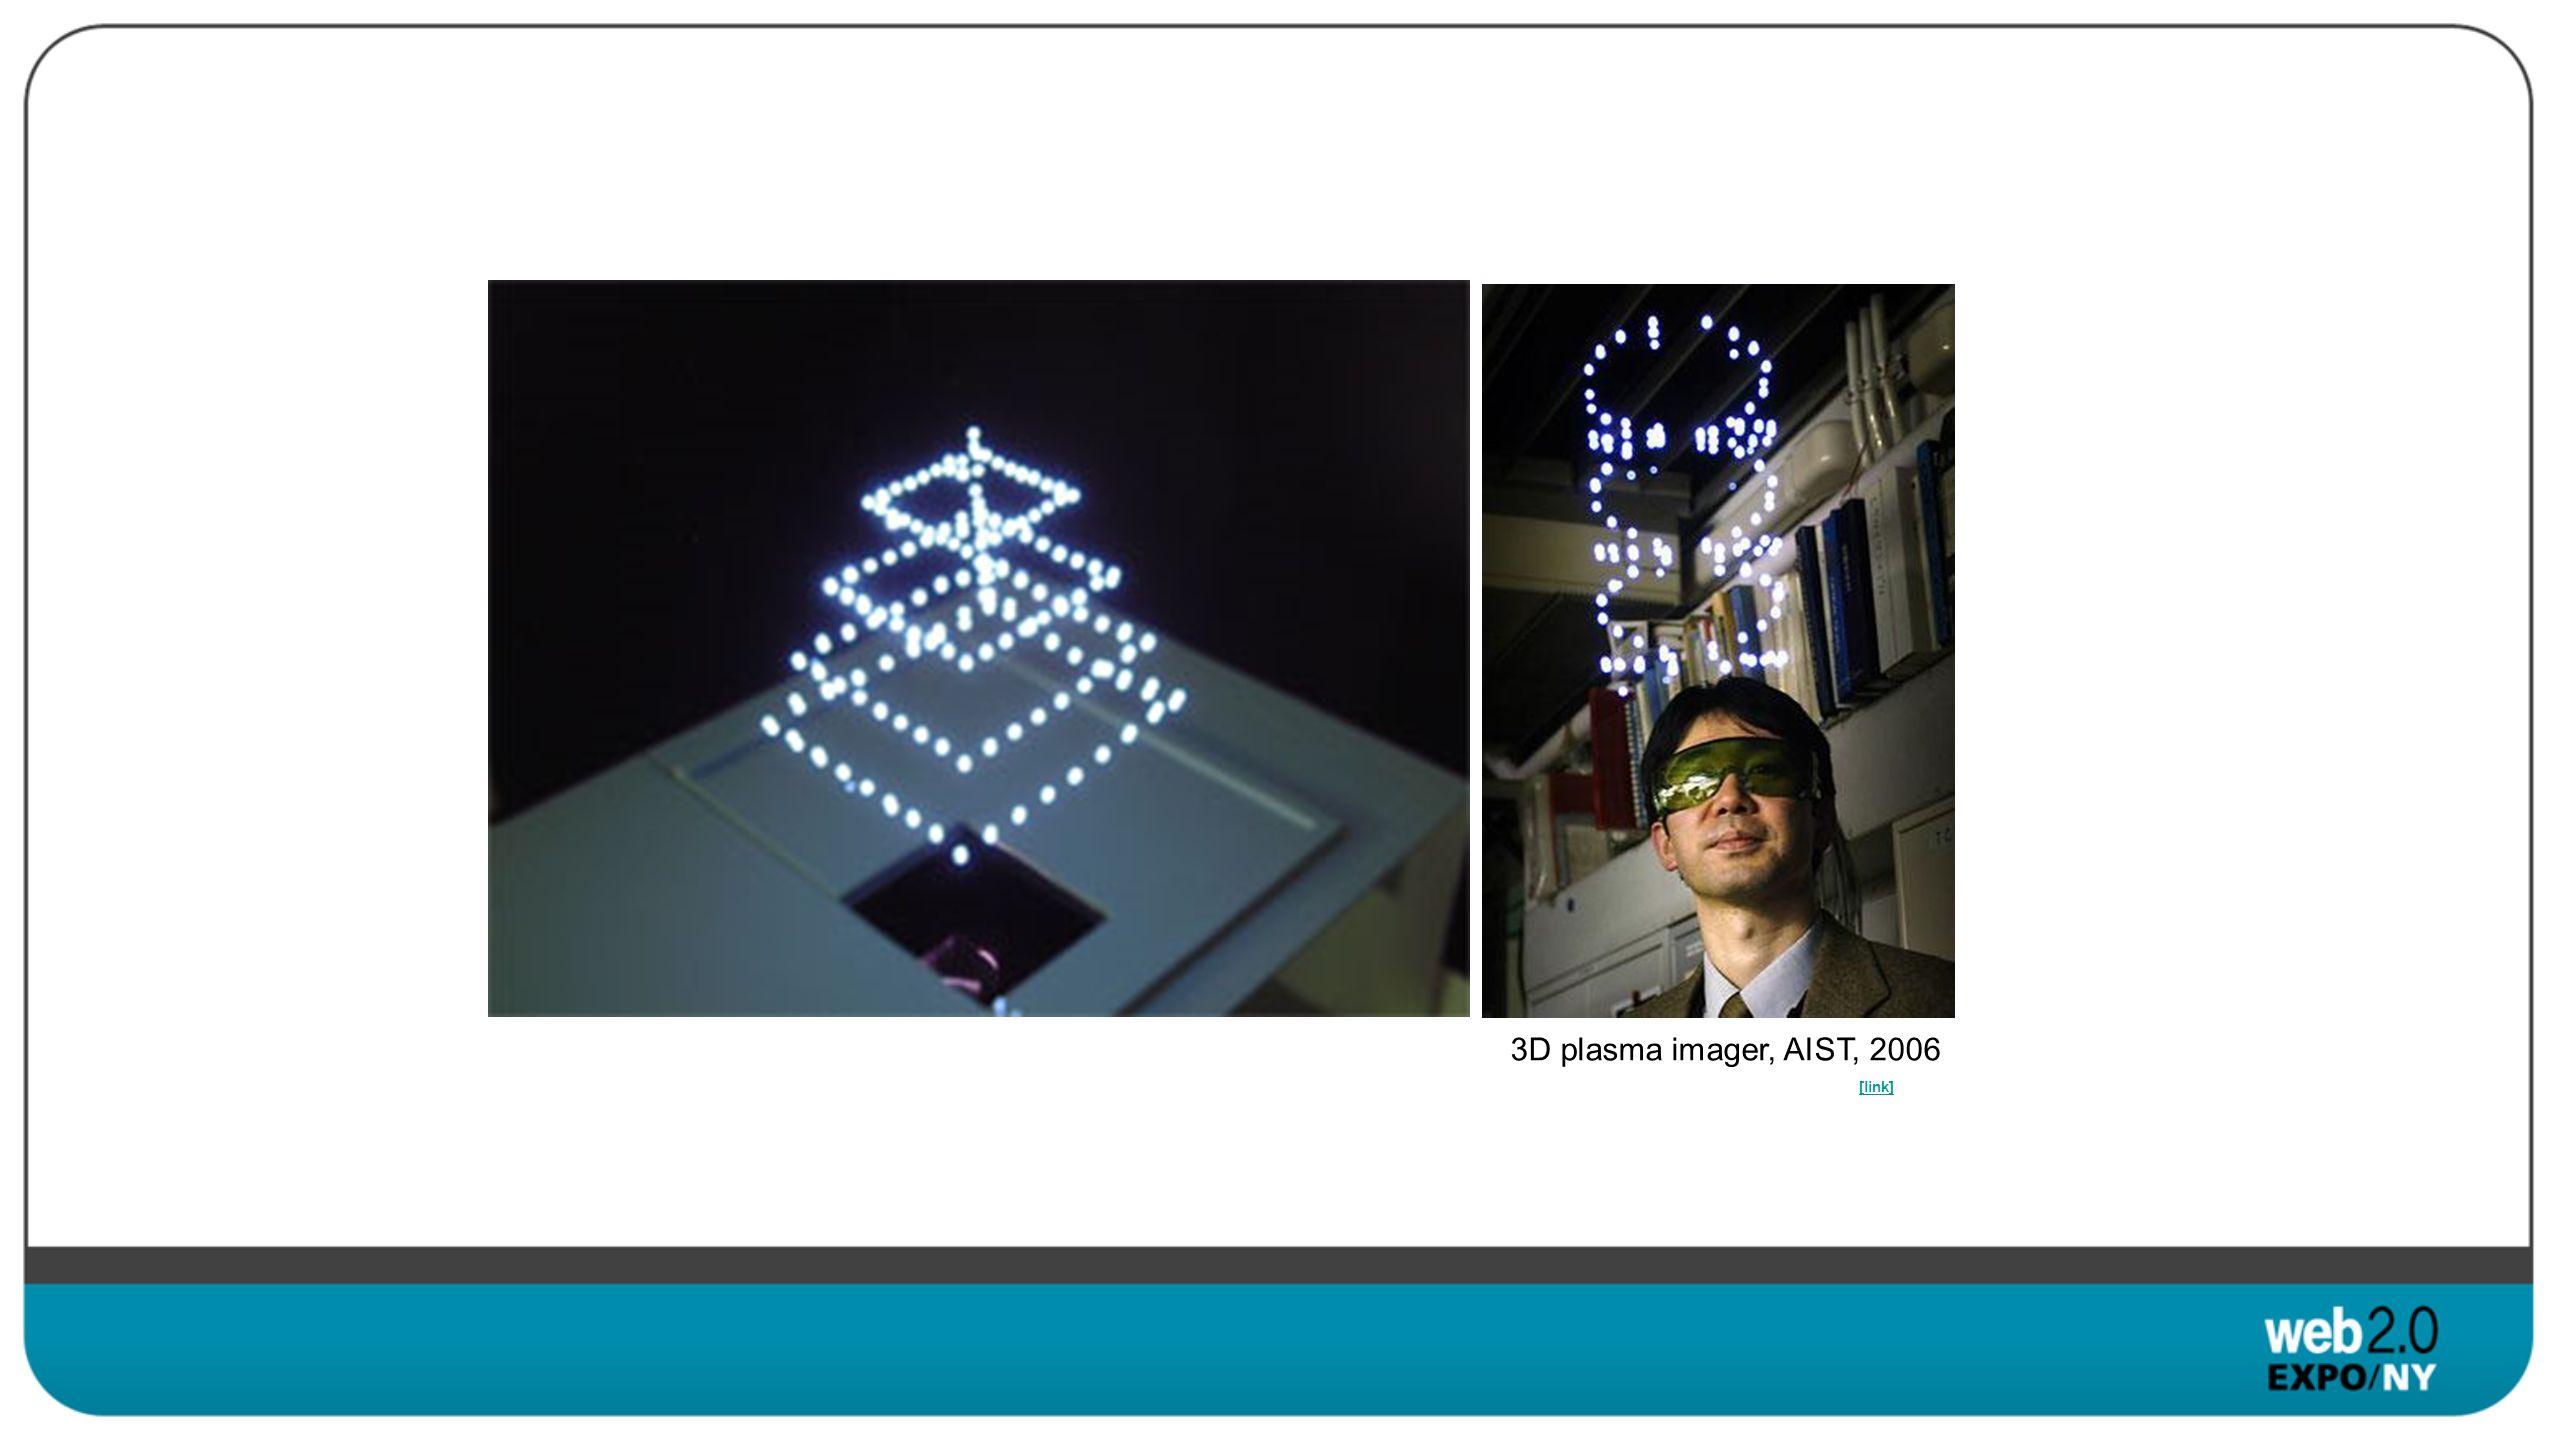 3D plasma imager, AIST, 2006 [link]